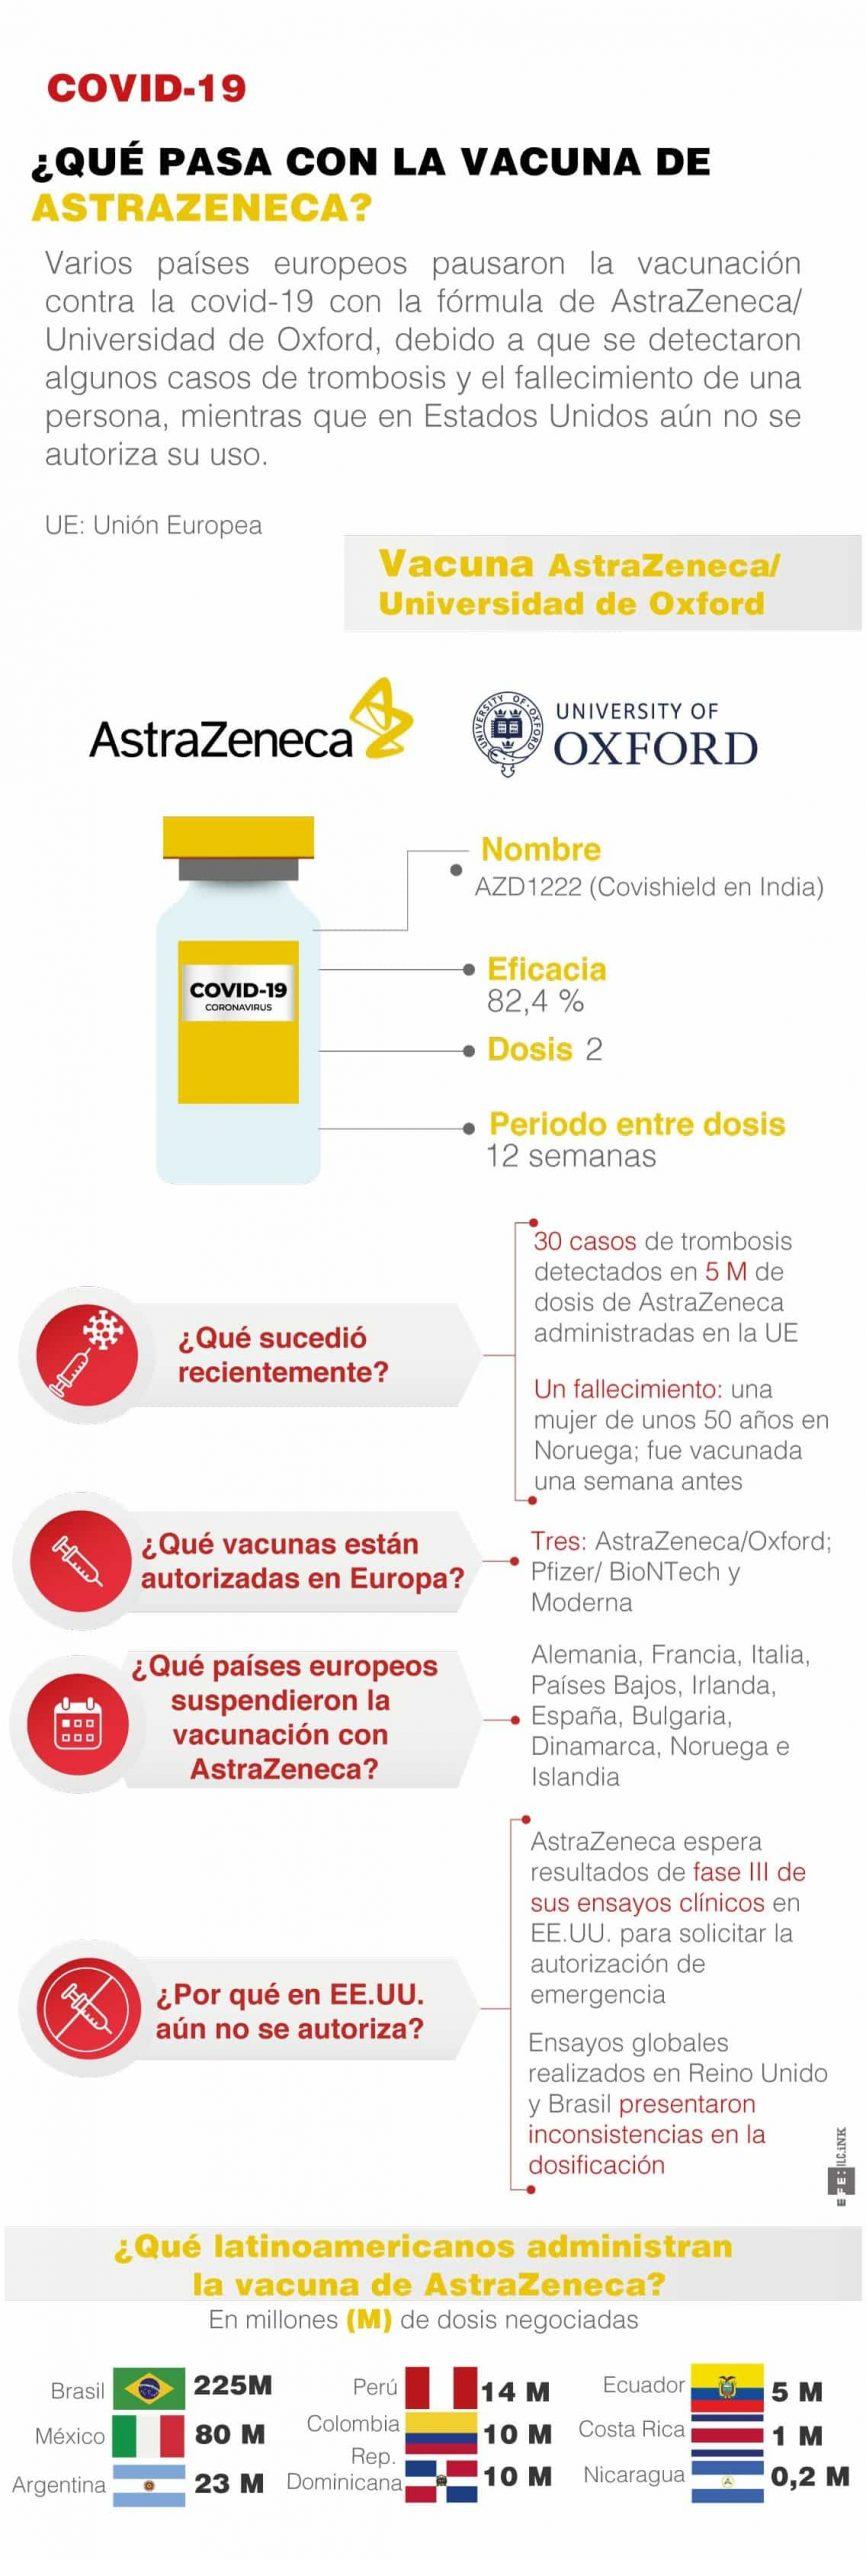 [Infografía] - Covid-19 ¿qué pasa con la vacuna de AstraZeneca? 1